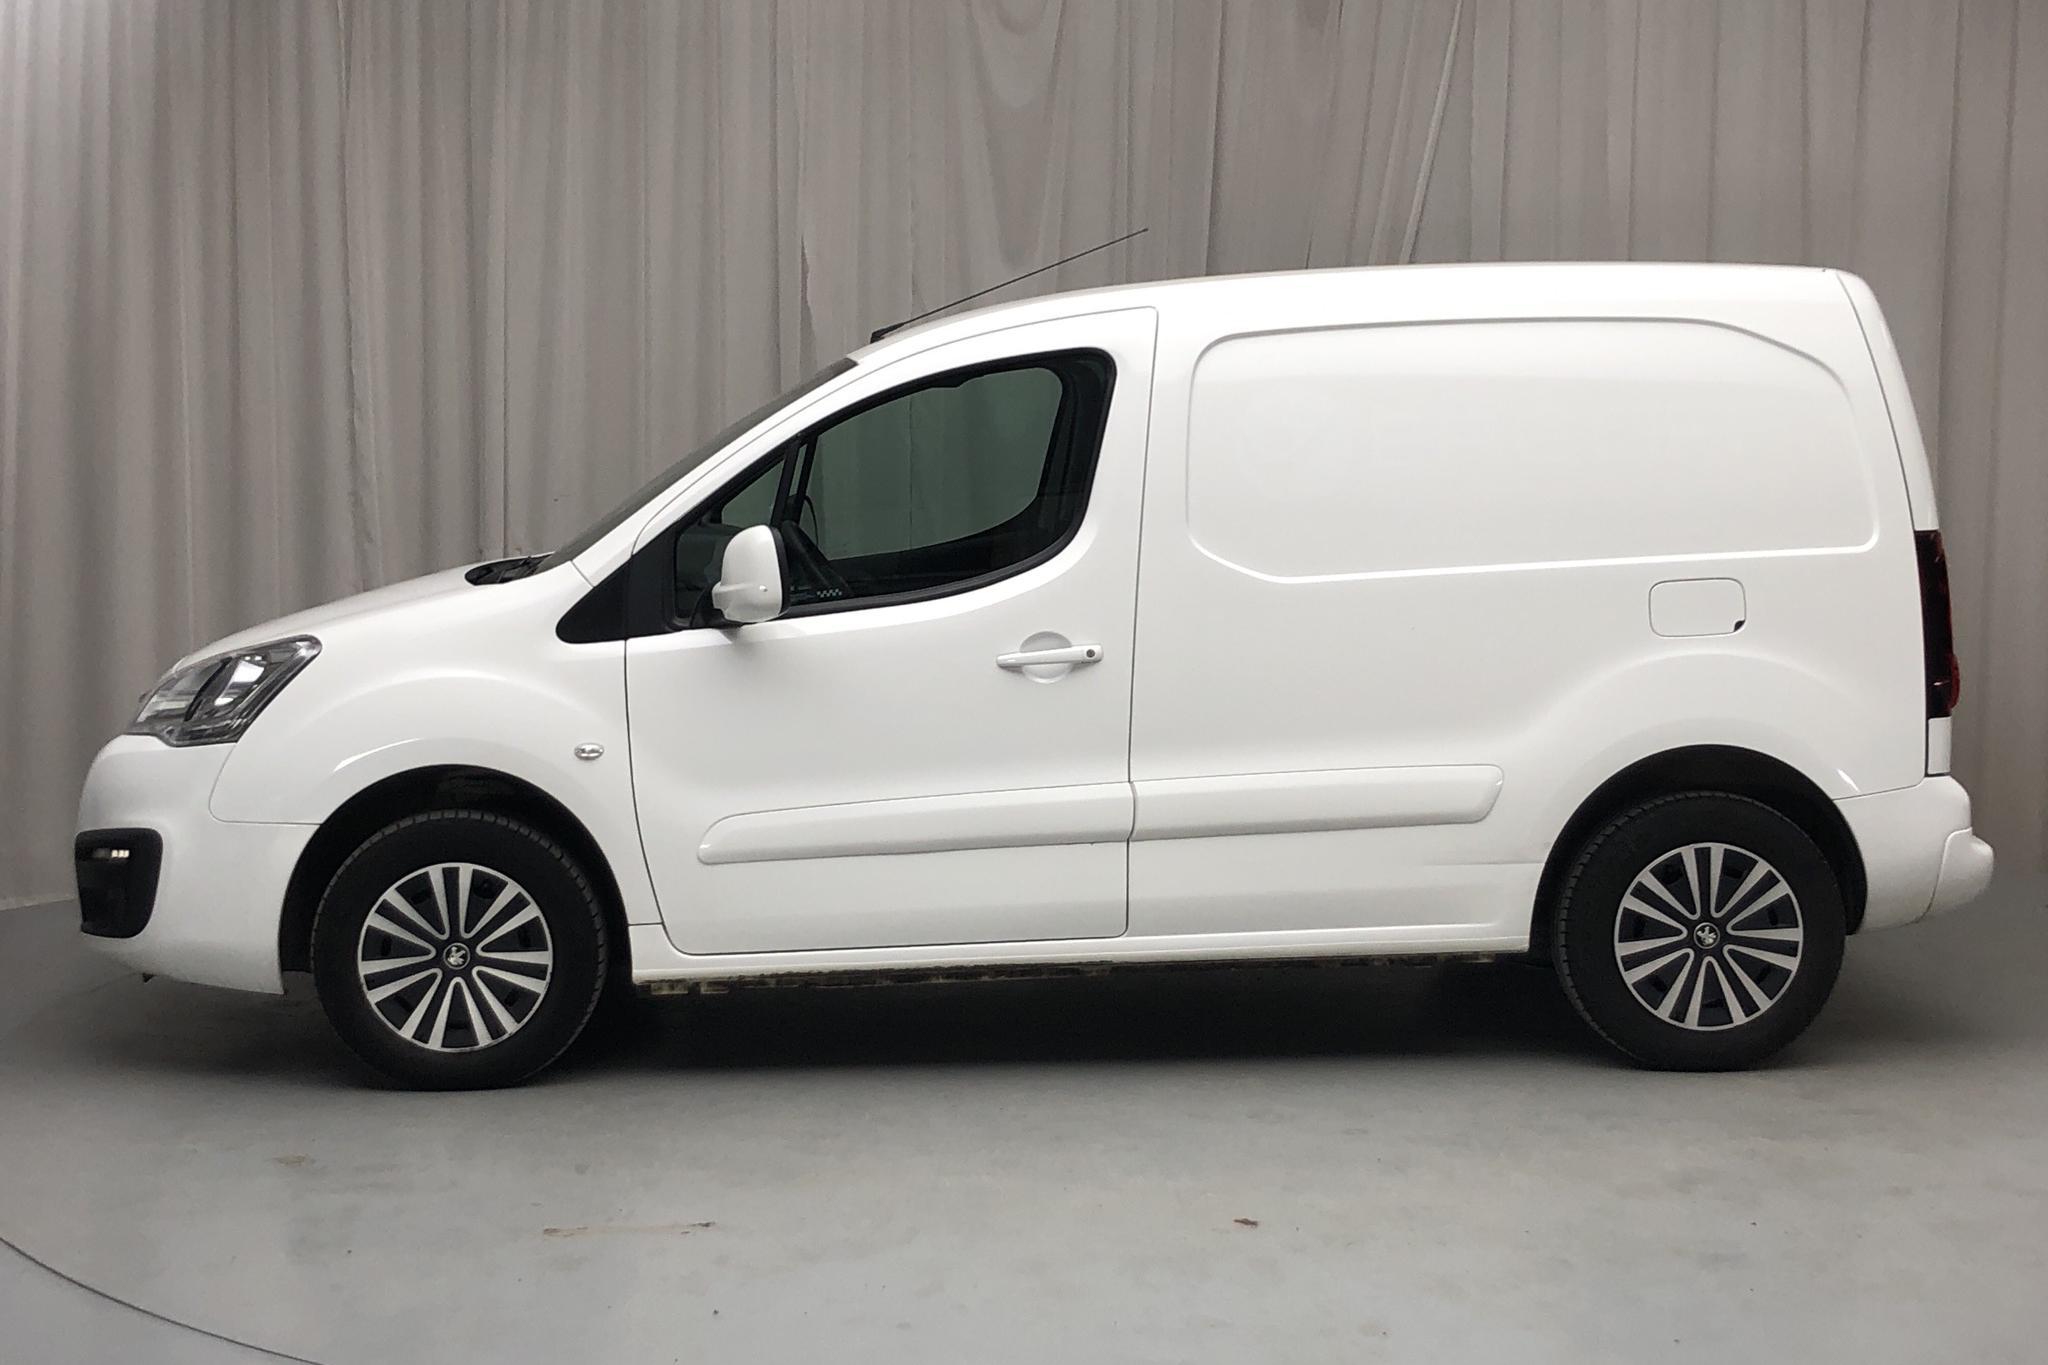 Peugeot Partner 1.6 BlueHDI Skåp (100hk) - 6 559 mil - Manuell - vit - 2016